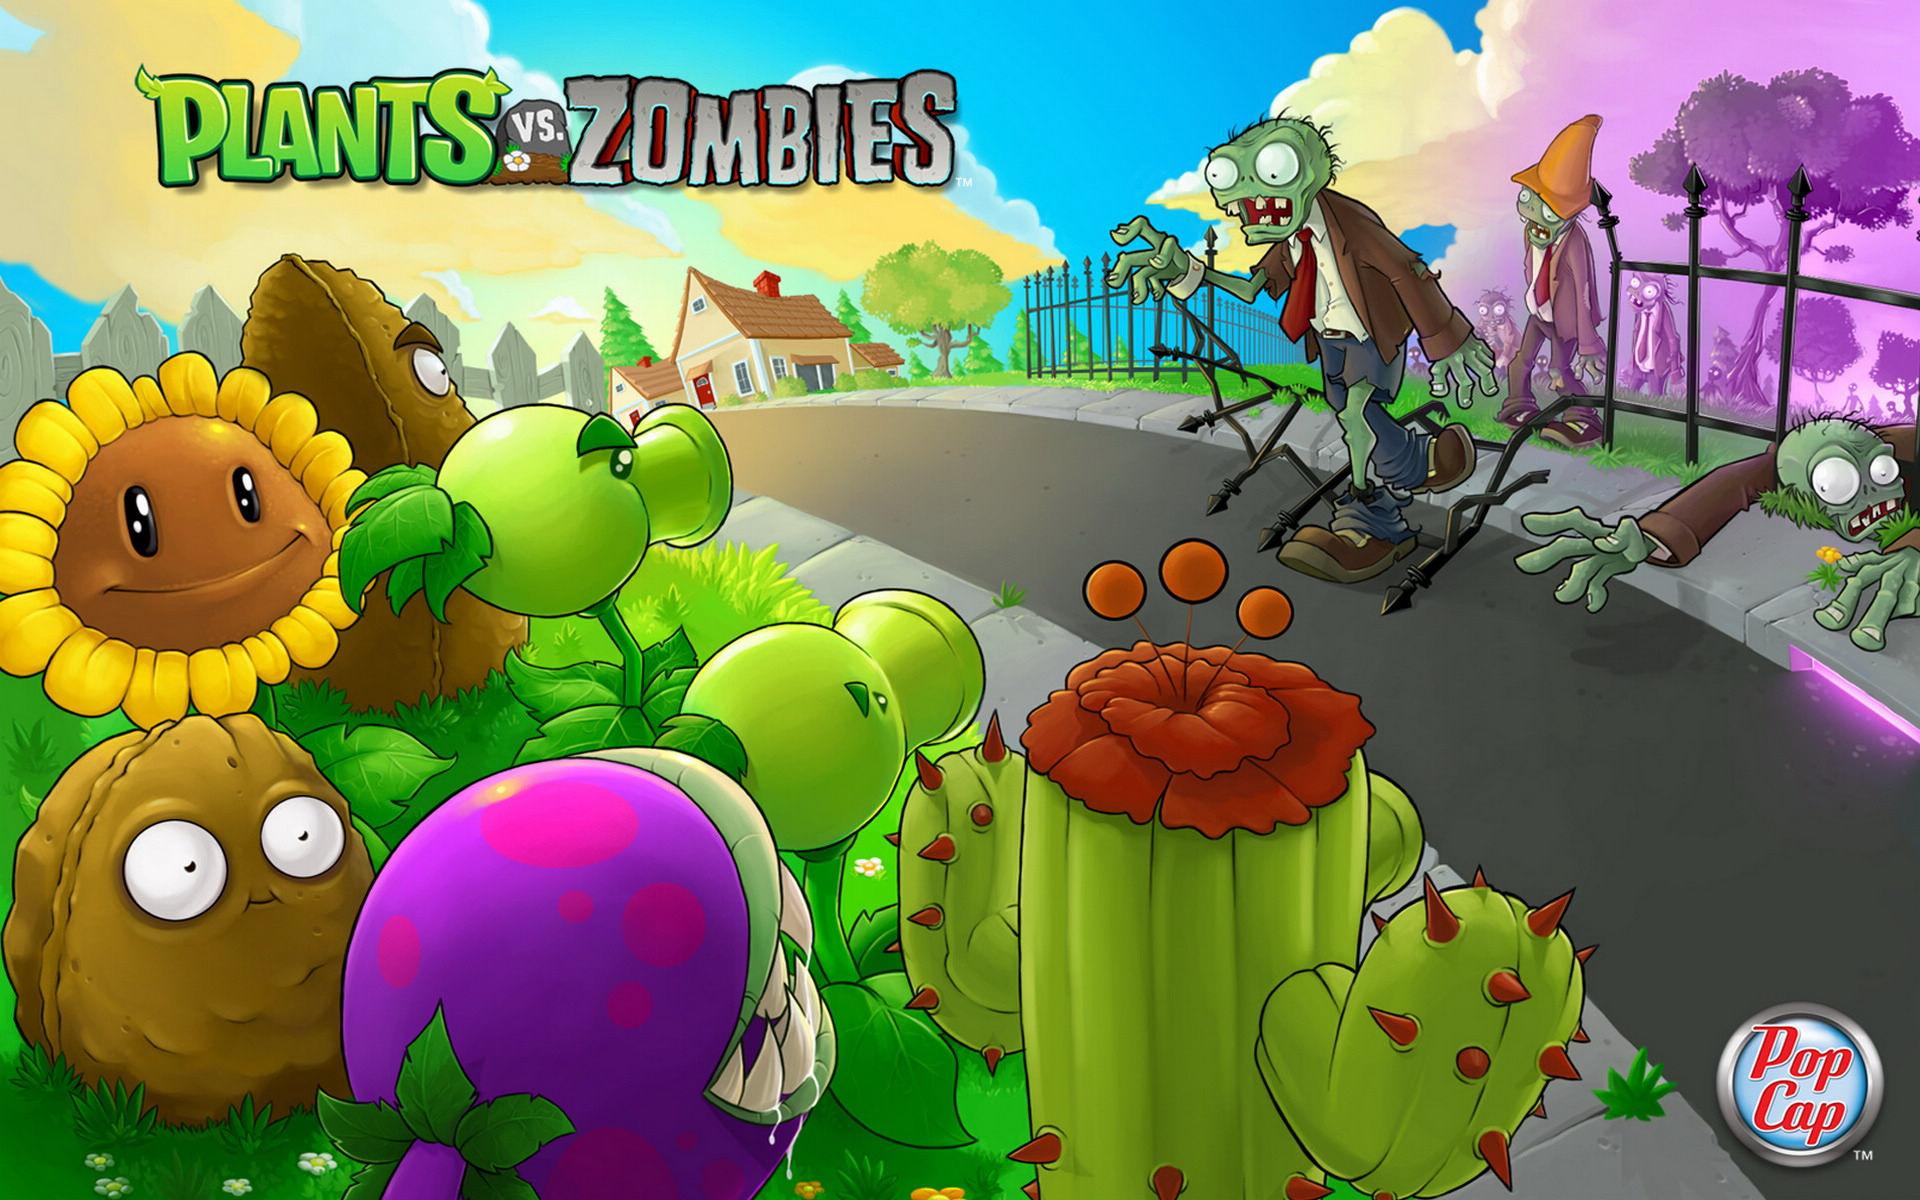 植物大战僵尸系列的游戏合集